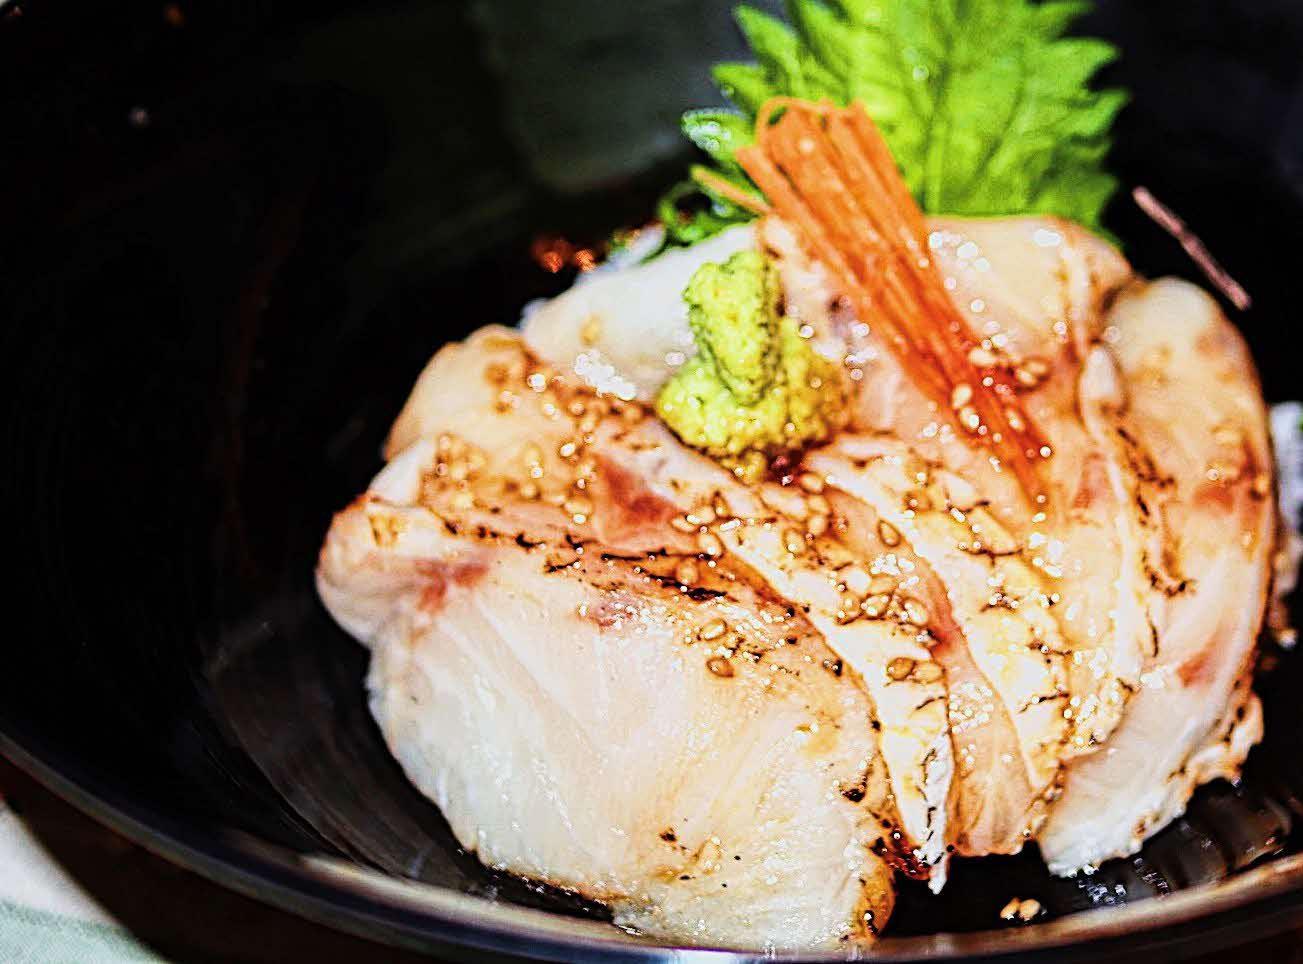 のどぐろ炙り丼2人前 シーライフx老舗料亭がつくる日本海のご当地どんぶり